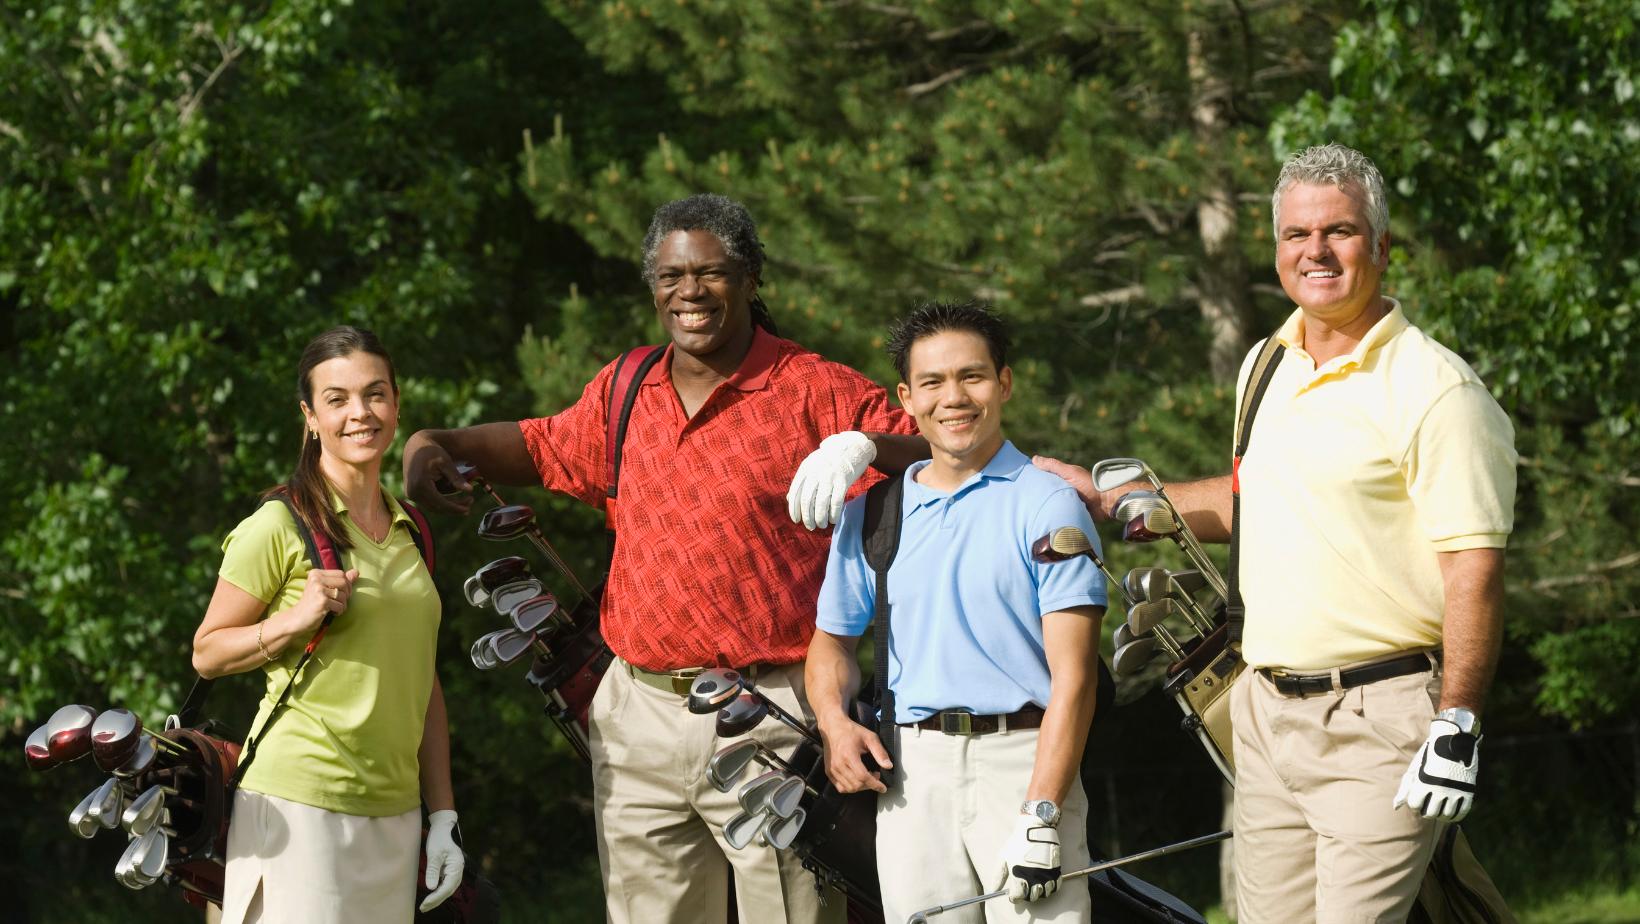 CASA 4 Kids Golf Tournament